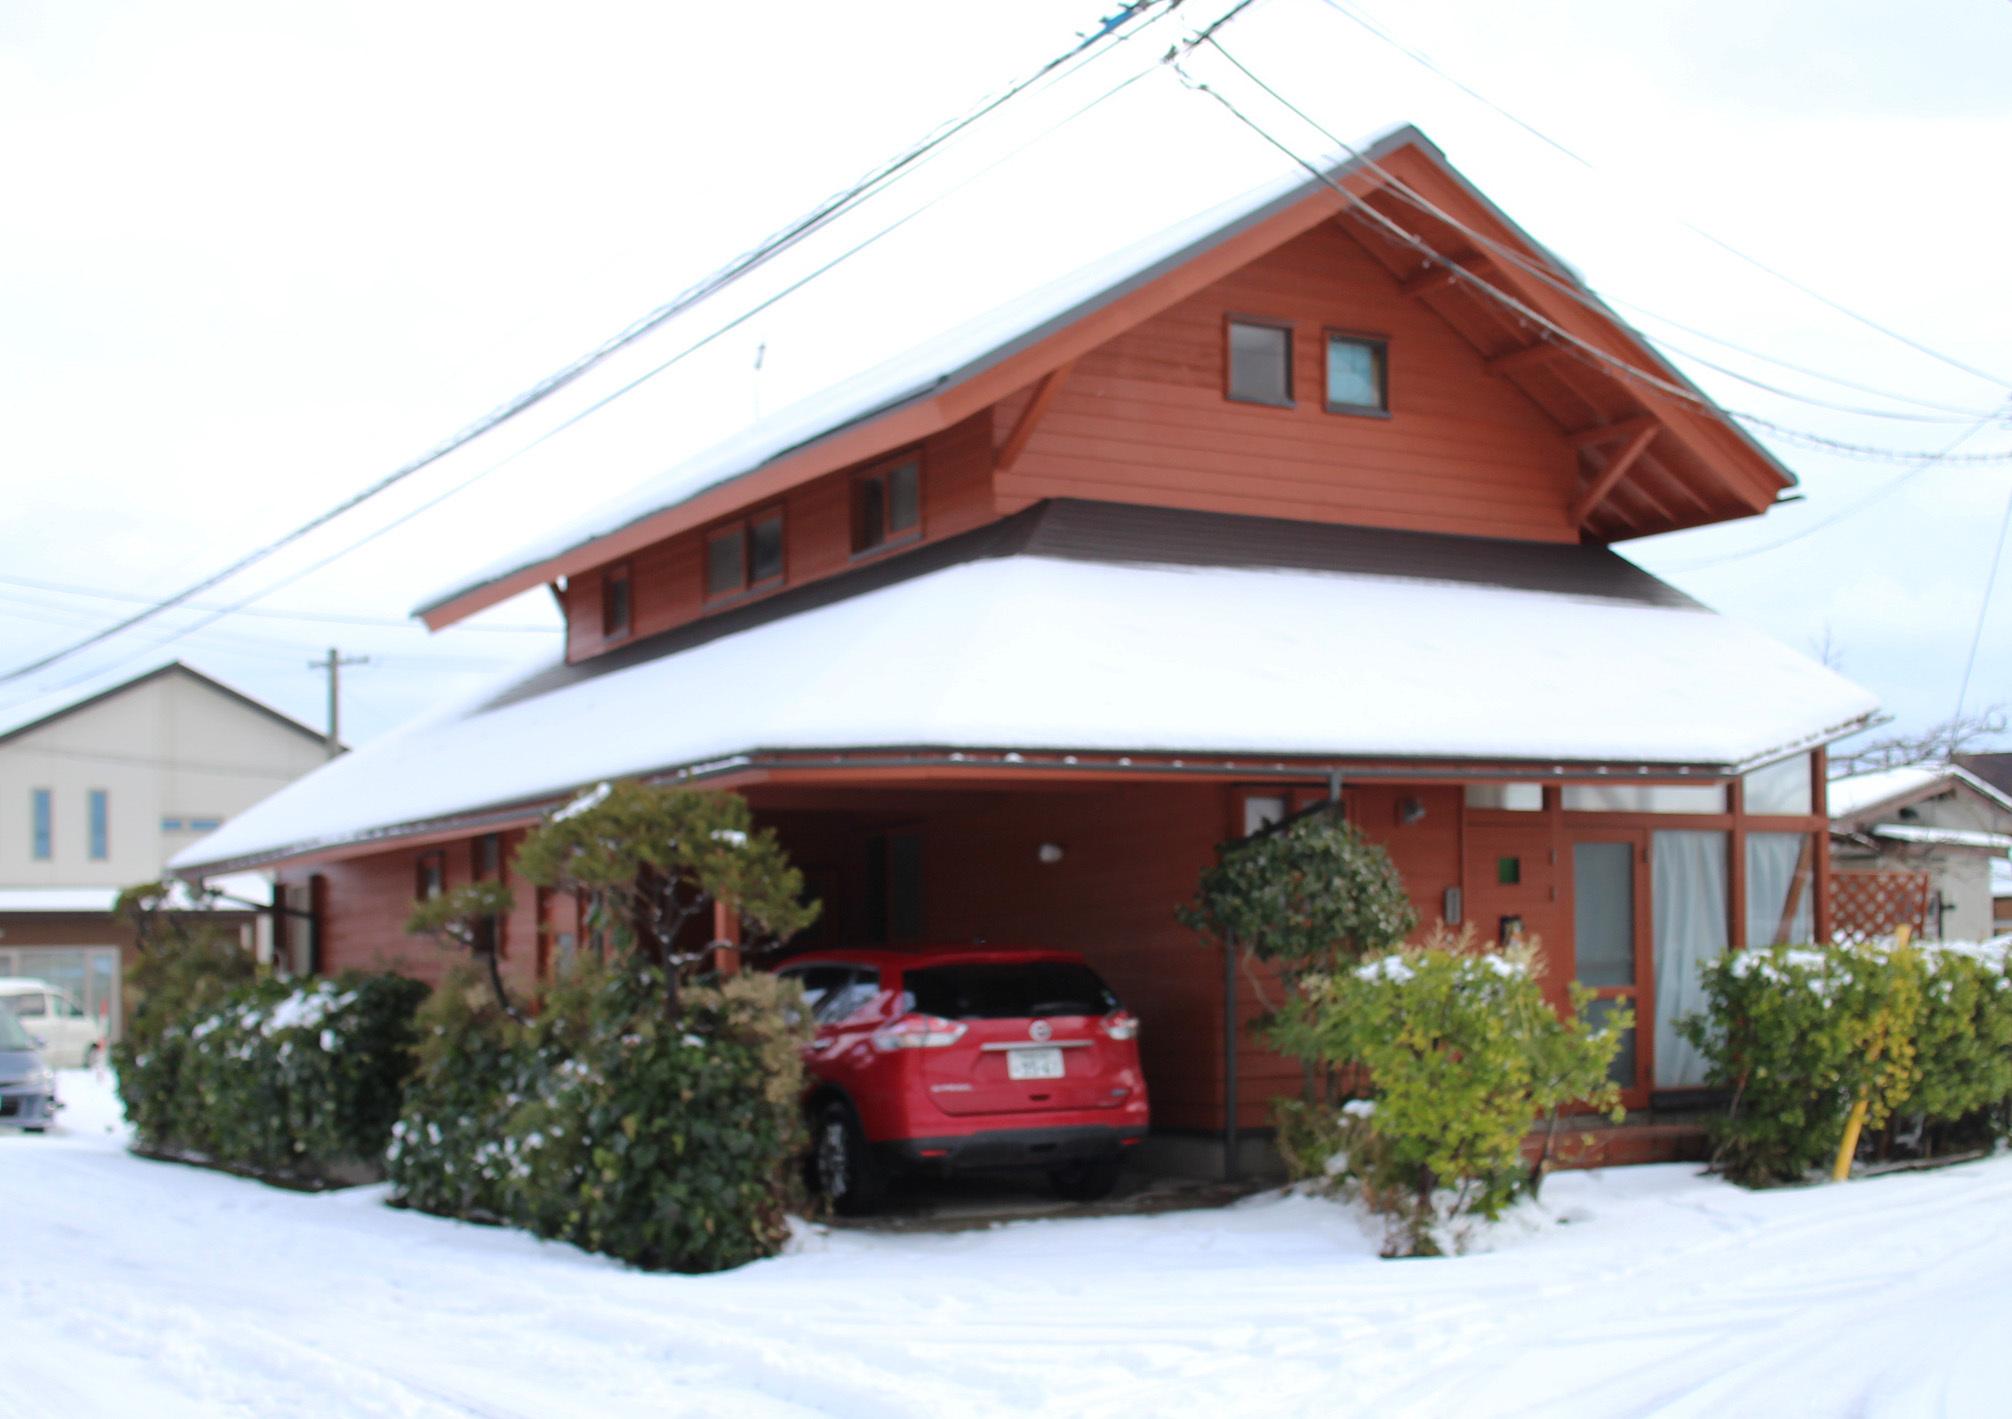 自宅の雪の太陽光_e0054299_12250576.jpg